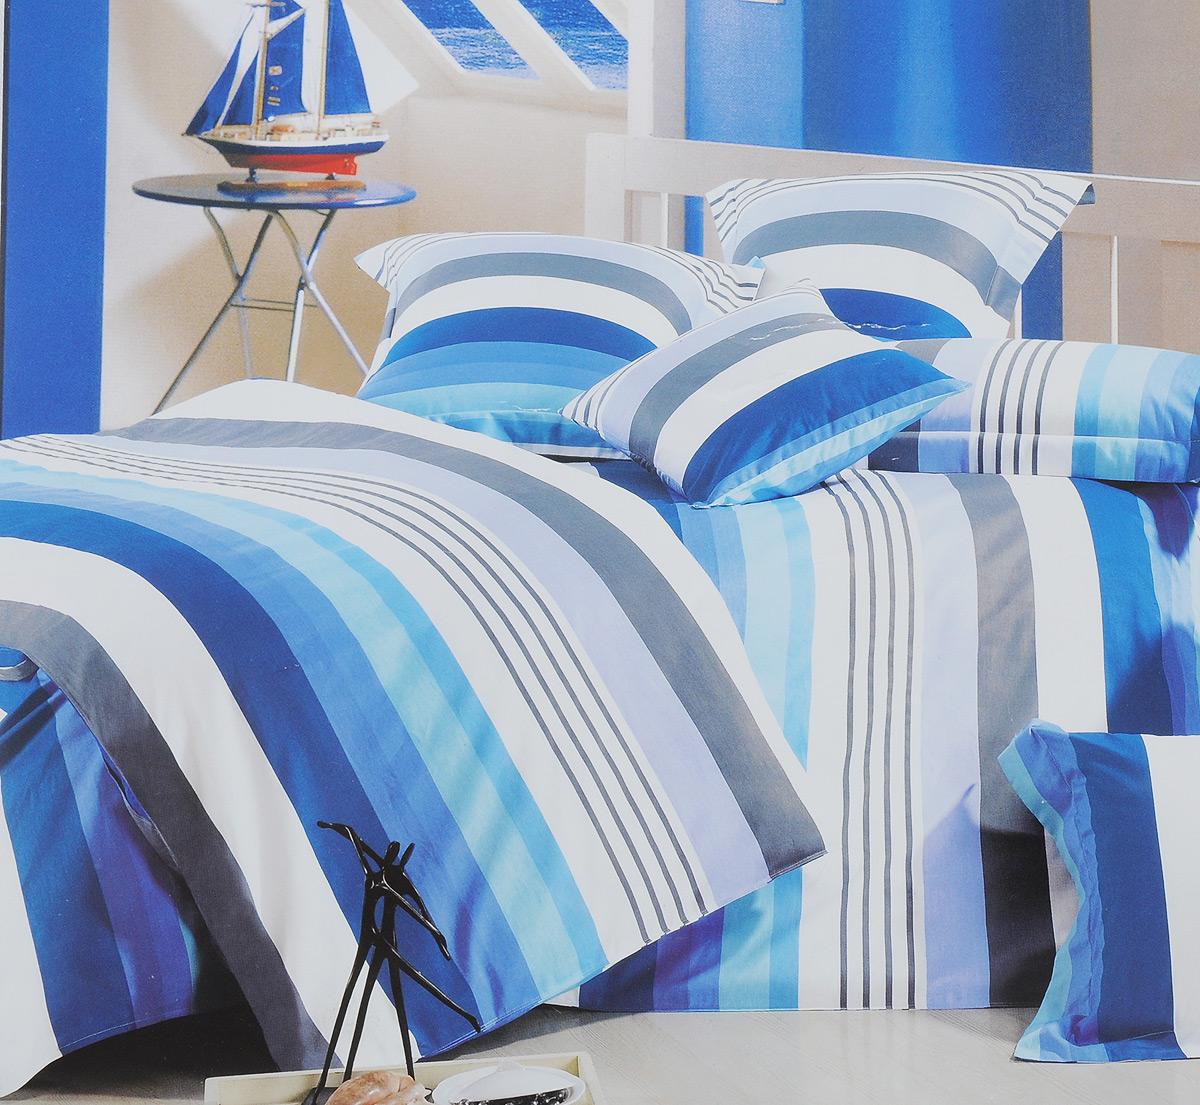 Комплект белья МарТекс Лагуна, евро, наволочки 50х70, 70х70, цвет: белый, голубой, синийDAVC150Комплект постельного белья МарТекс Лагуна состоит из пододеяльника на молнии, простыни, двух наволочек 50х70 и двух наволочек 70х70. Постельное белье оформлено цветными полоскамии имеет изысканный внешний вид. Сатин - производится из высших сортов хлопка, а своим блеском, легкостью и на ощупь напоминает шелк. Такая ткань рассчитана на 200 стирок и более. Постельное белье из сатина превращает жаркие летние ночи в прохладные и освежающие, а холодные зимние - в теплые и согревающие. Благодаря натуральному хлопку, комплект постельного белья из сатина приобретает способность пропускать воздух, давая возможность телу дышать. Одно из преимуществ материала в том, что он практически не мнется и ваша спальня всегда будет аккуратной и нарядной. Приобретая комплект постельного белья МарТекс Лагуна, вы можете быть уверенны в том, что покупка доставит вам и вашим близким удовольствие и подарит максимальный комфорт.